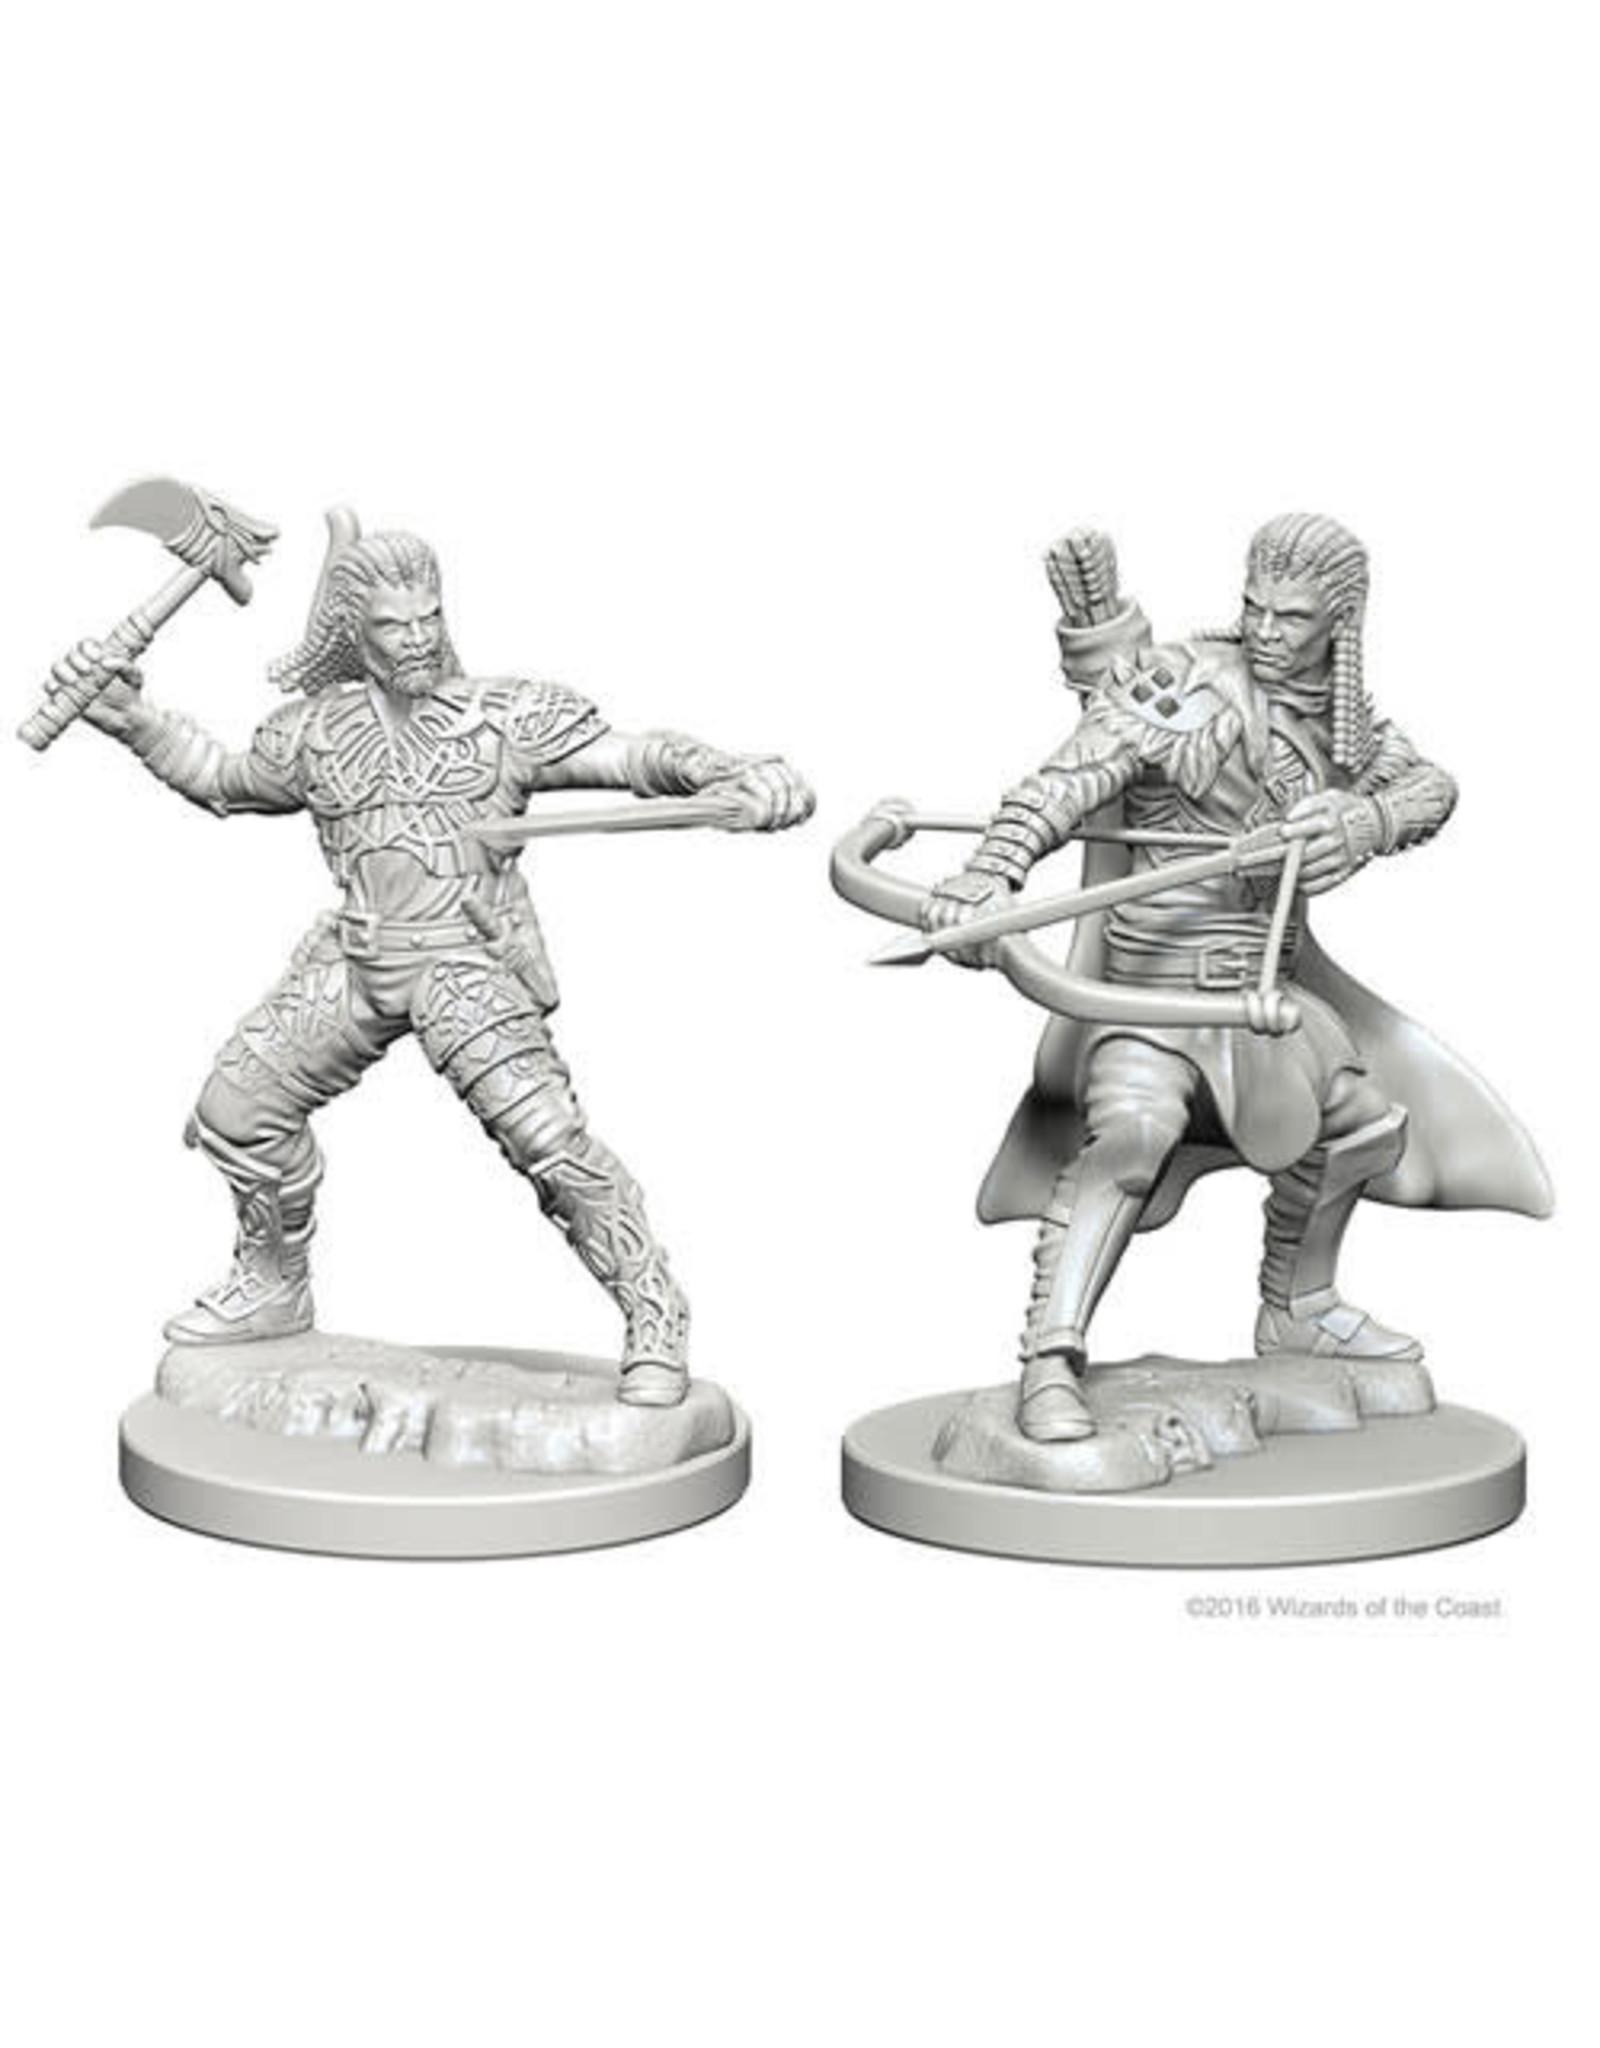 D&D Unpainted Minis: Human Male Ranger (Wave 1)